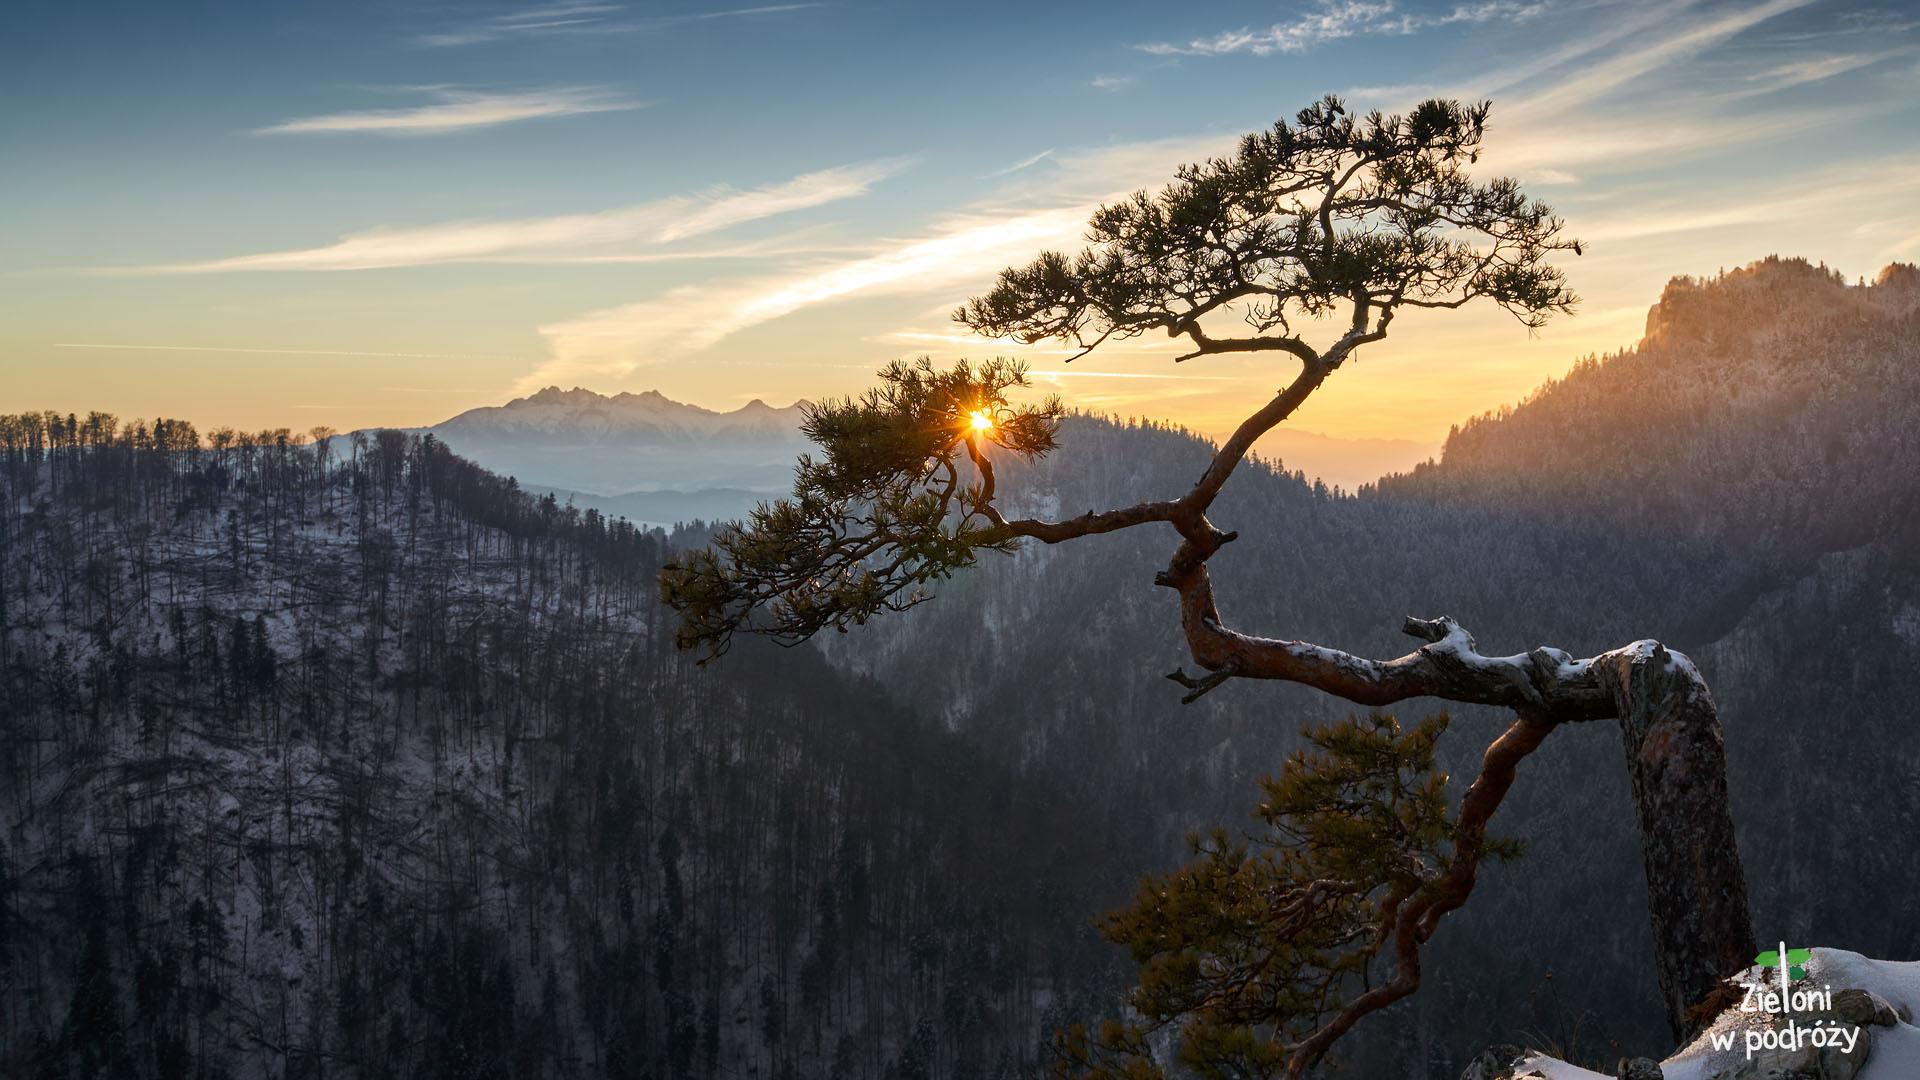 Sosna na Sokolicy i zachód słońca. Miły widok na koniec tej krótkiej wycieczki